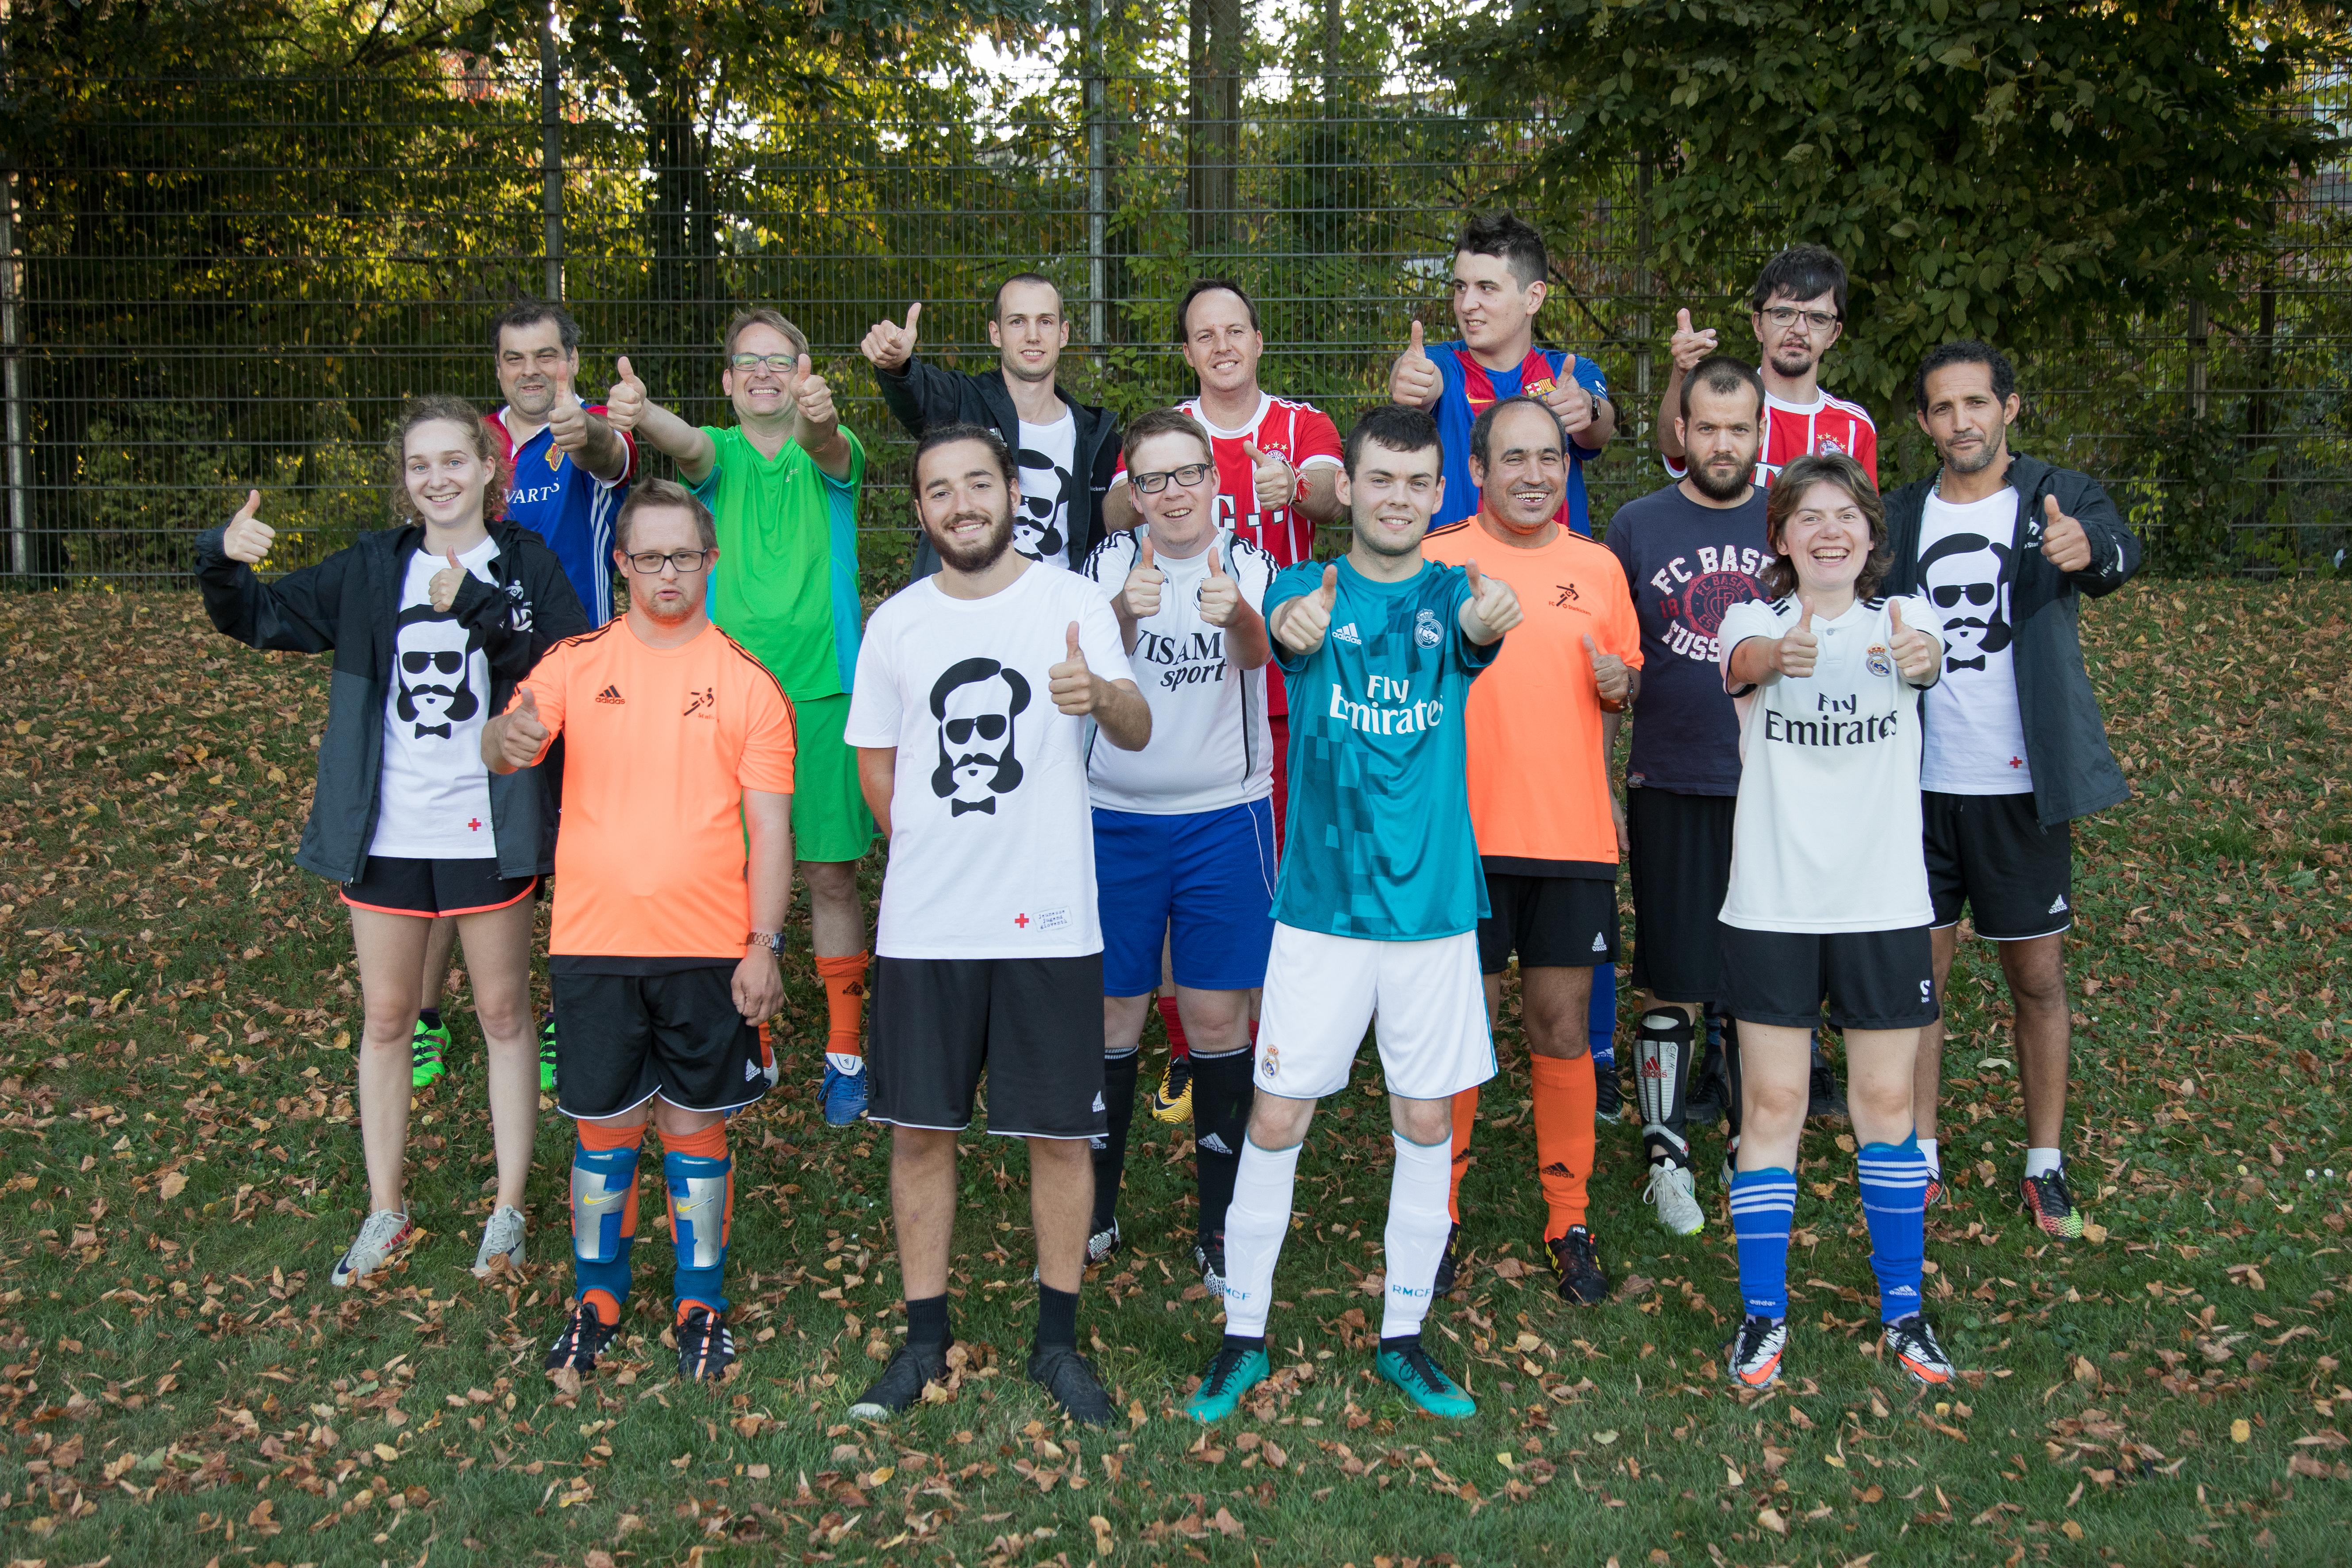 Der mit 5000 Franken dotierte erste Preis ging an die Freiwilligen des FC Starkickers. Copyright: SRK, Roland Blattner